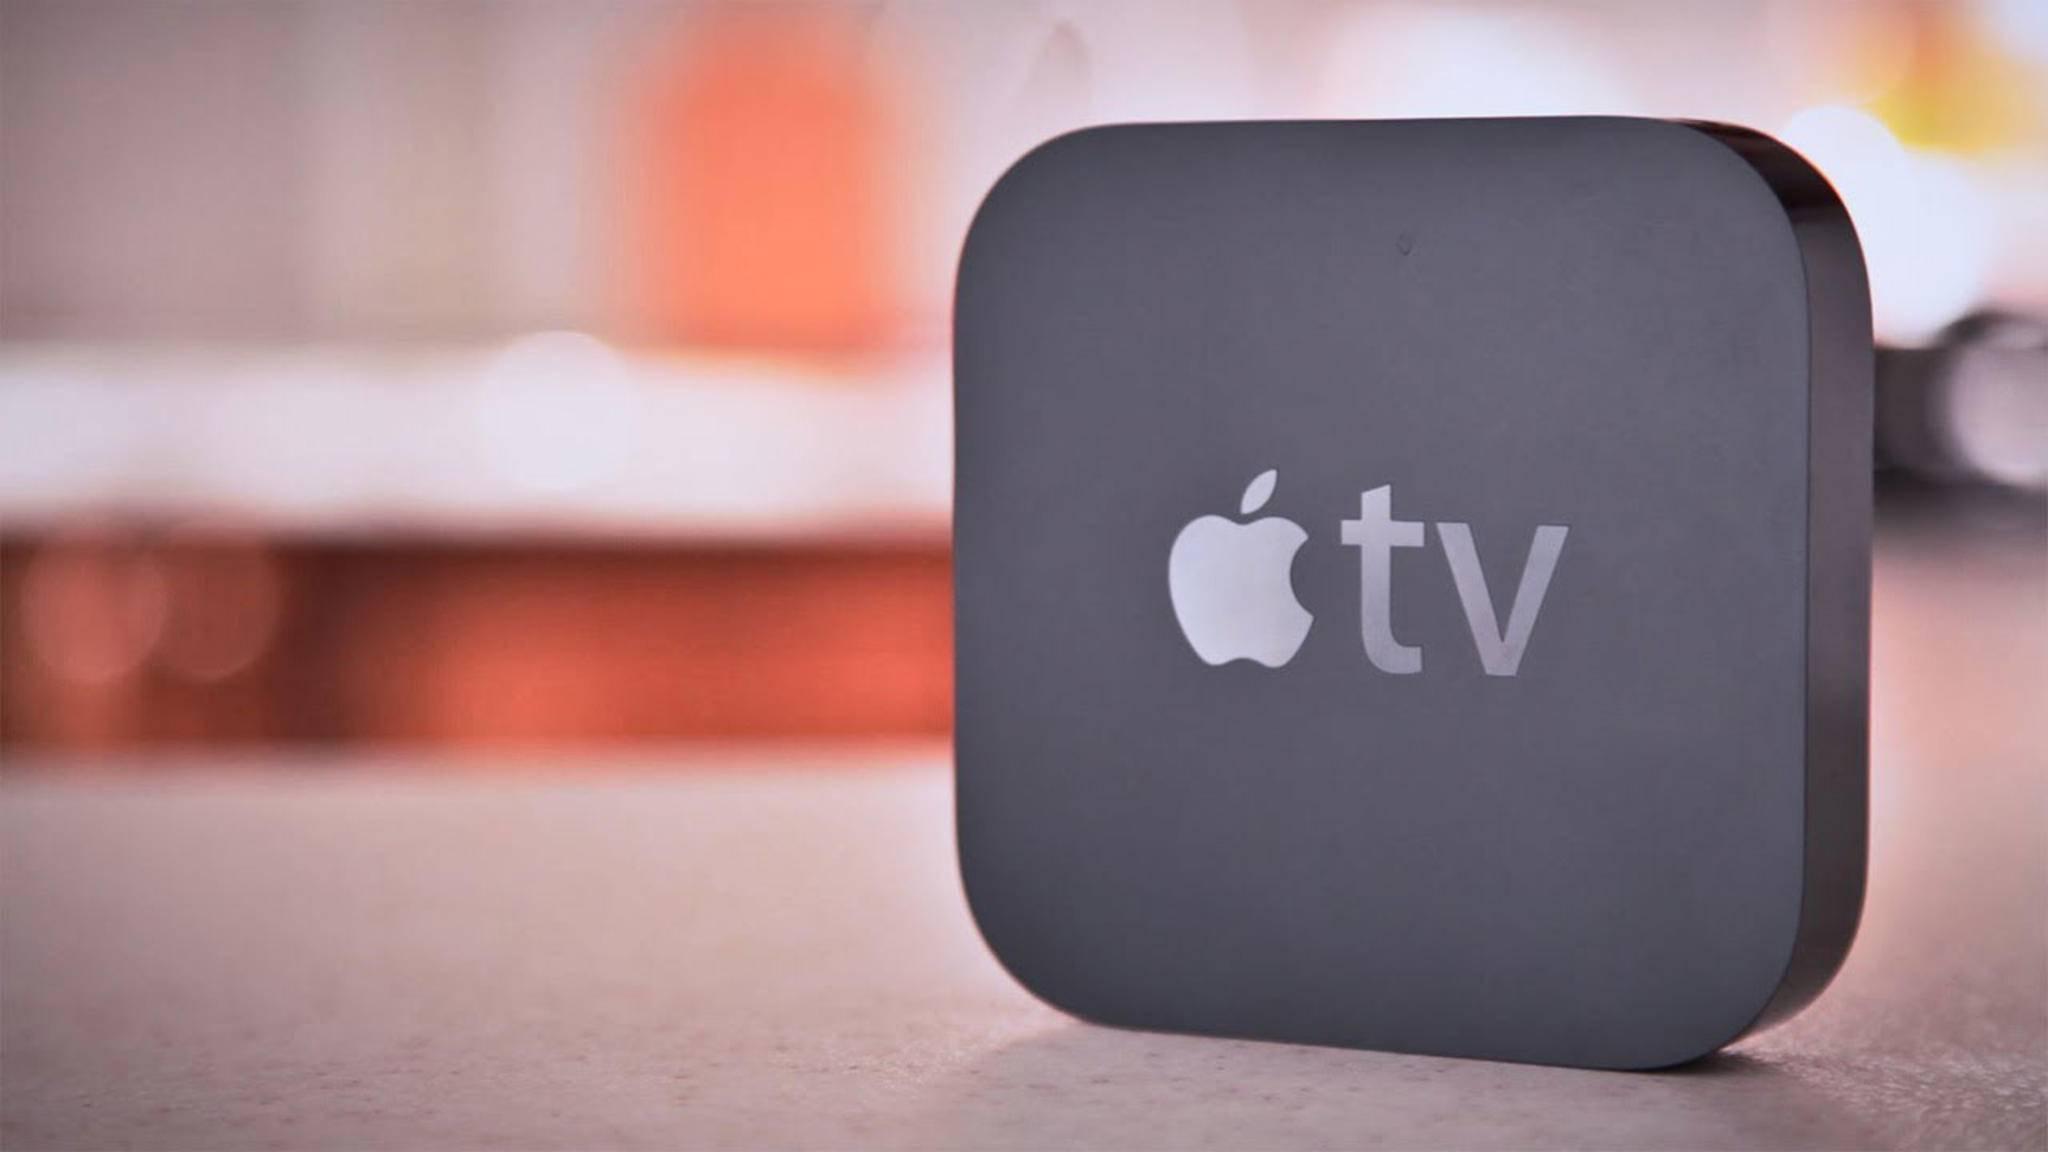 icloud einrichten so geht 39 s auf iphone mac pc apple tv. Black Bedroom Furniture Sets. Home Design Ideas